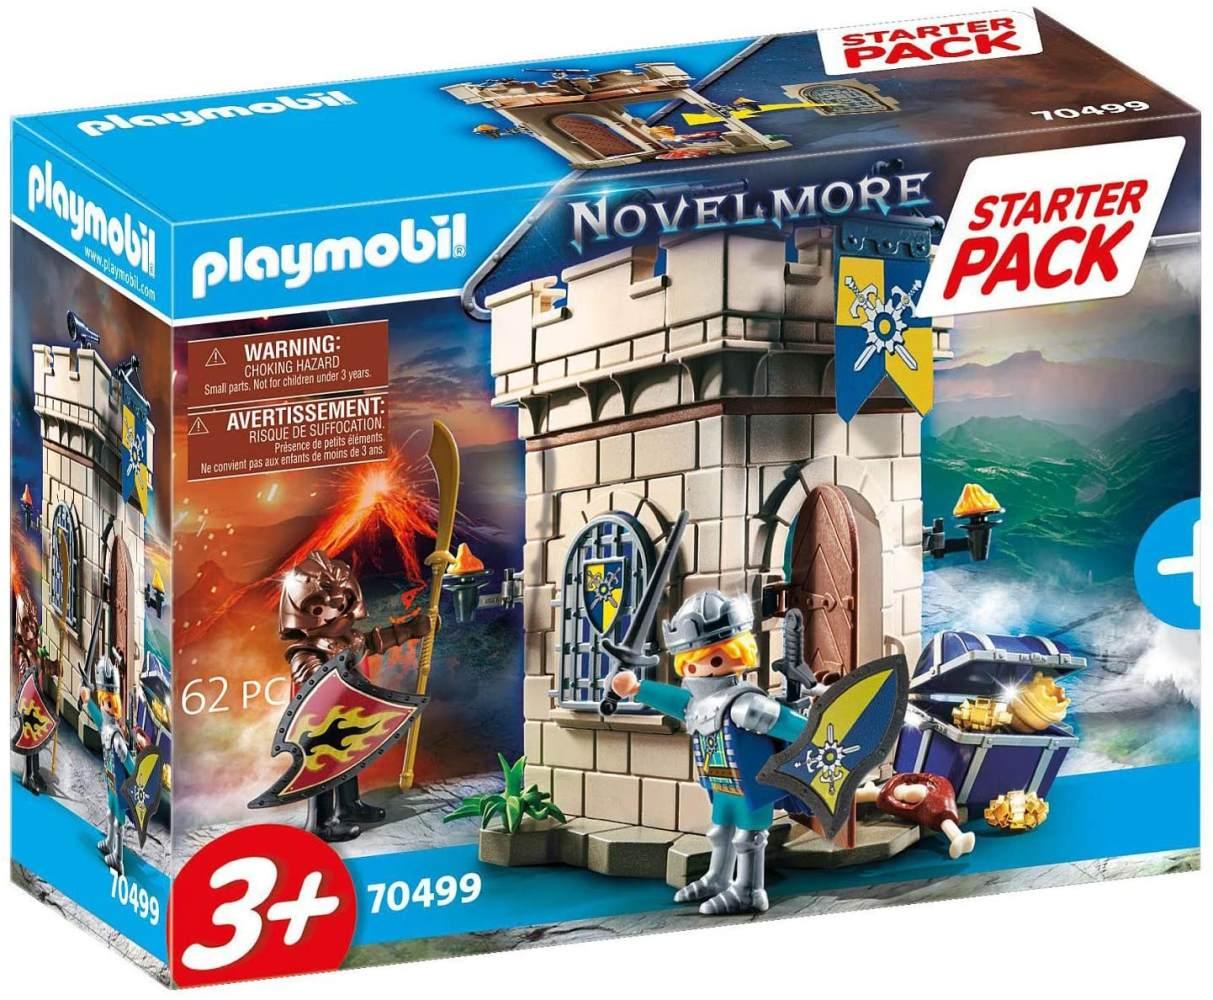 Playmobil Novelmore 70499 'Starter Pack Novelmore', 62 Teile, ab 3 Jahren Bild 1